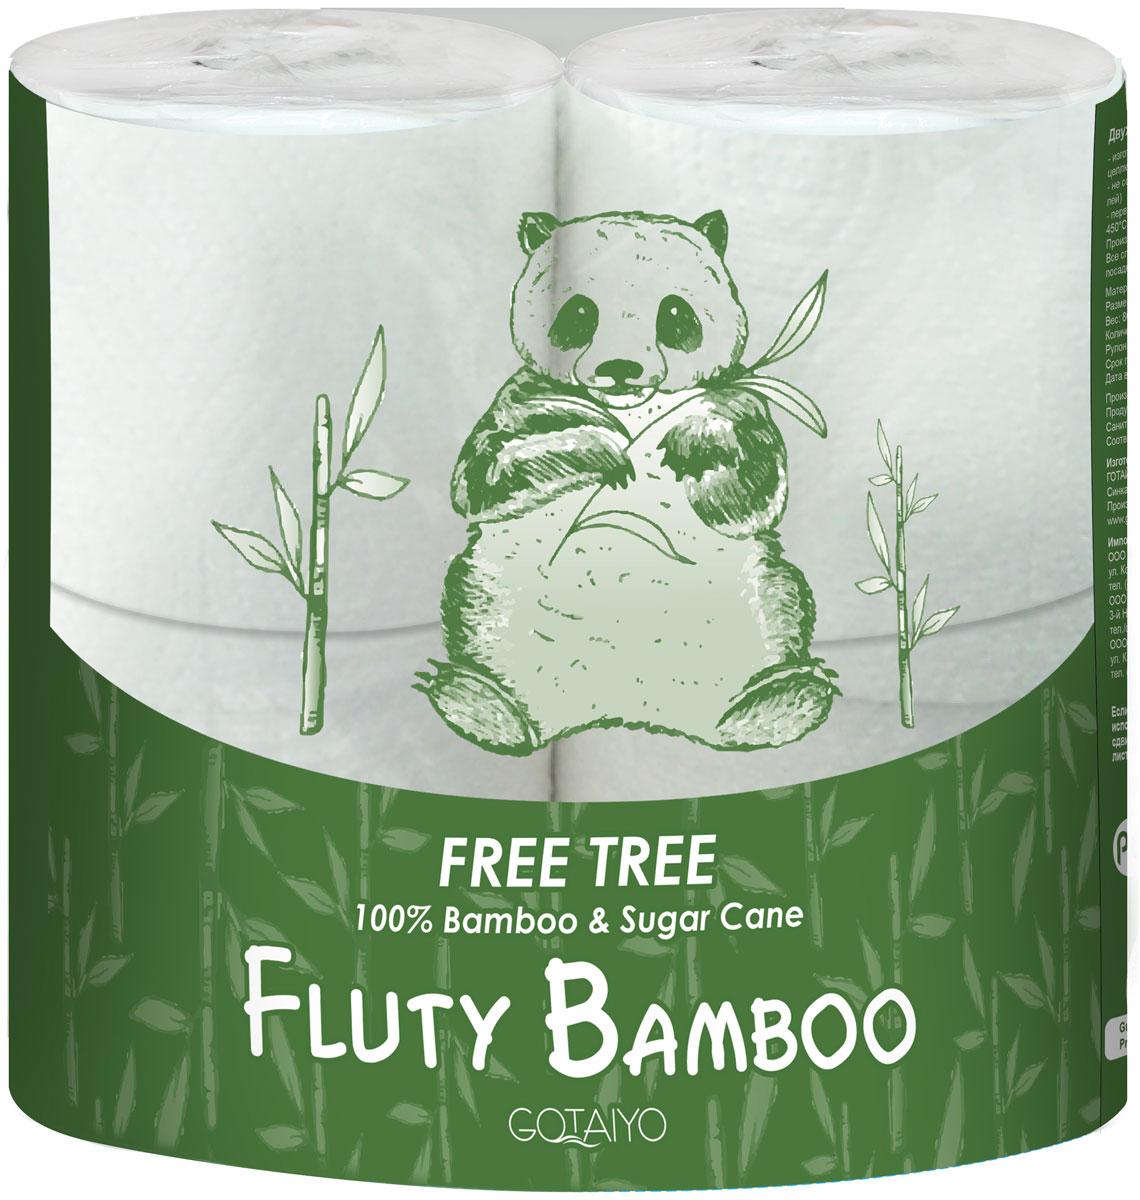 Бумага туалетная Gotaiyo Fluty, трехслойная, цвет: белый, 4 рулона20144gtТрехслойная туалетная бумага Gotaiyo Fluty изготовлена из целлюлозы ивторичного целлюлозного волокна подходит для использования всей семьей.Бумага прекрасно впитывает воду и другие жидкости и незаменима дляпроведения санитарно-гигиенических процедур, а также для поддержаниячистоты в помещении. Перфорация позволяет легко отрывать ровные фрагментыбумаги необходимой длины.В упаковке: 4 рулона.